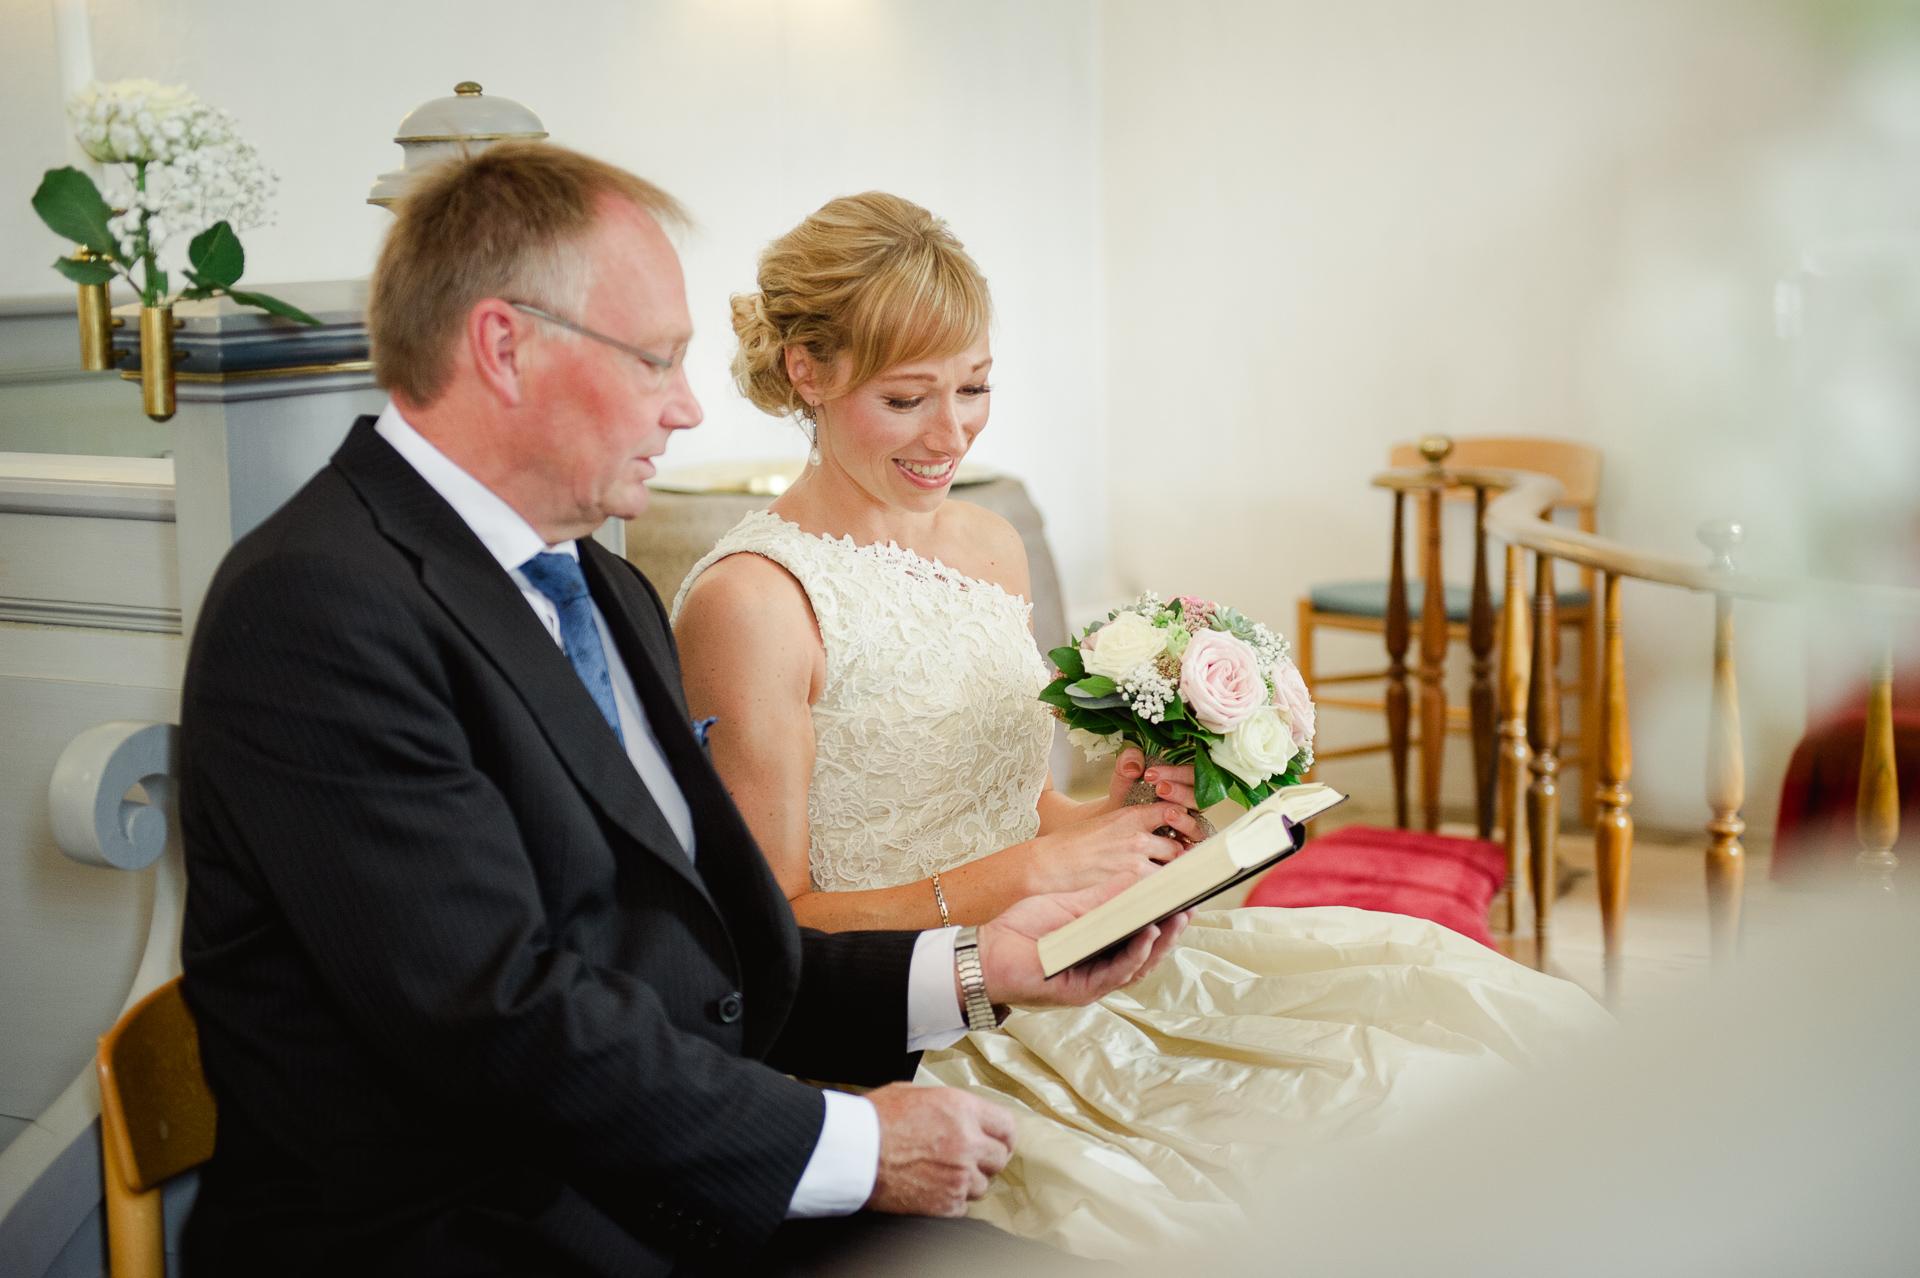 bryllup-wedding-jomfruens-egede-AK-Christian_24